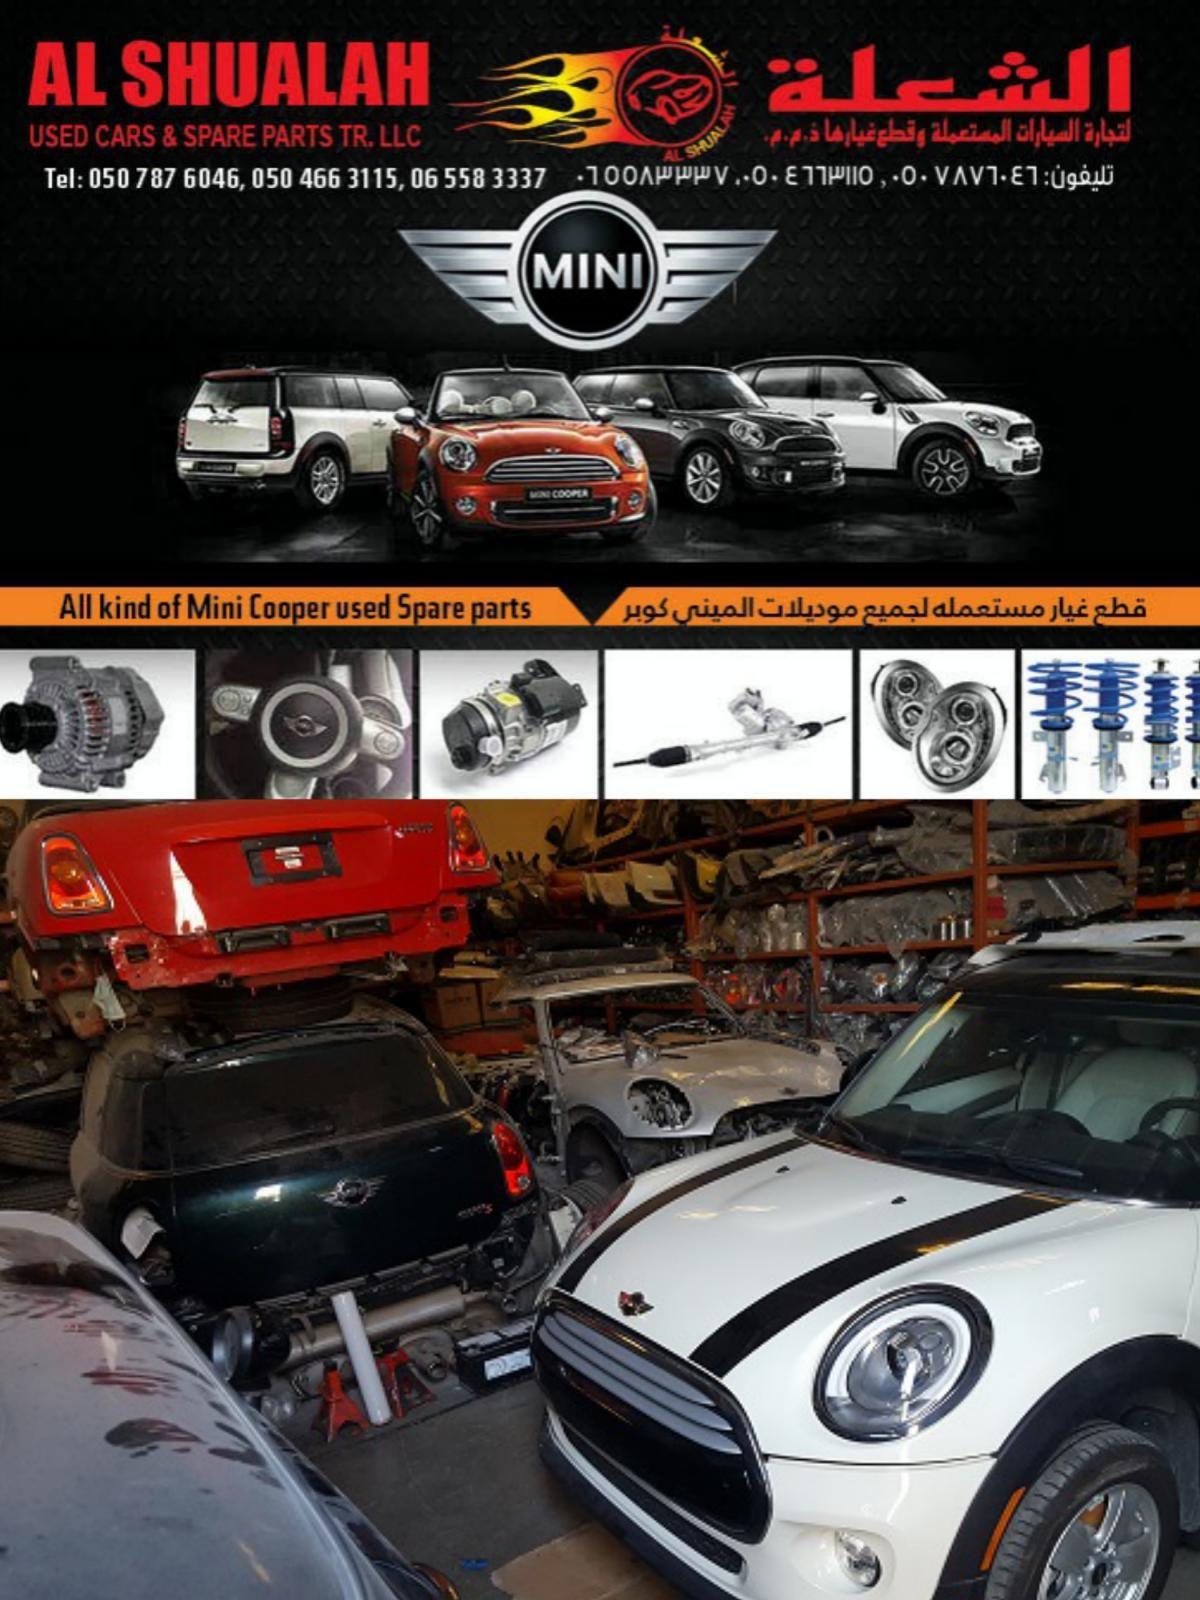 موقع دبي مون افضل مكان للبيع و الشراء ارقام سيارات ارقام هواتف دراجات عقارات يخوت سيارات للبيع سيارات مستعملة في الإمار Used Cars Car Spare Parts Automotive